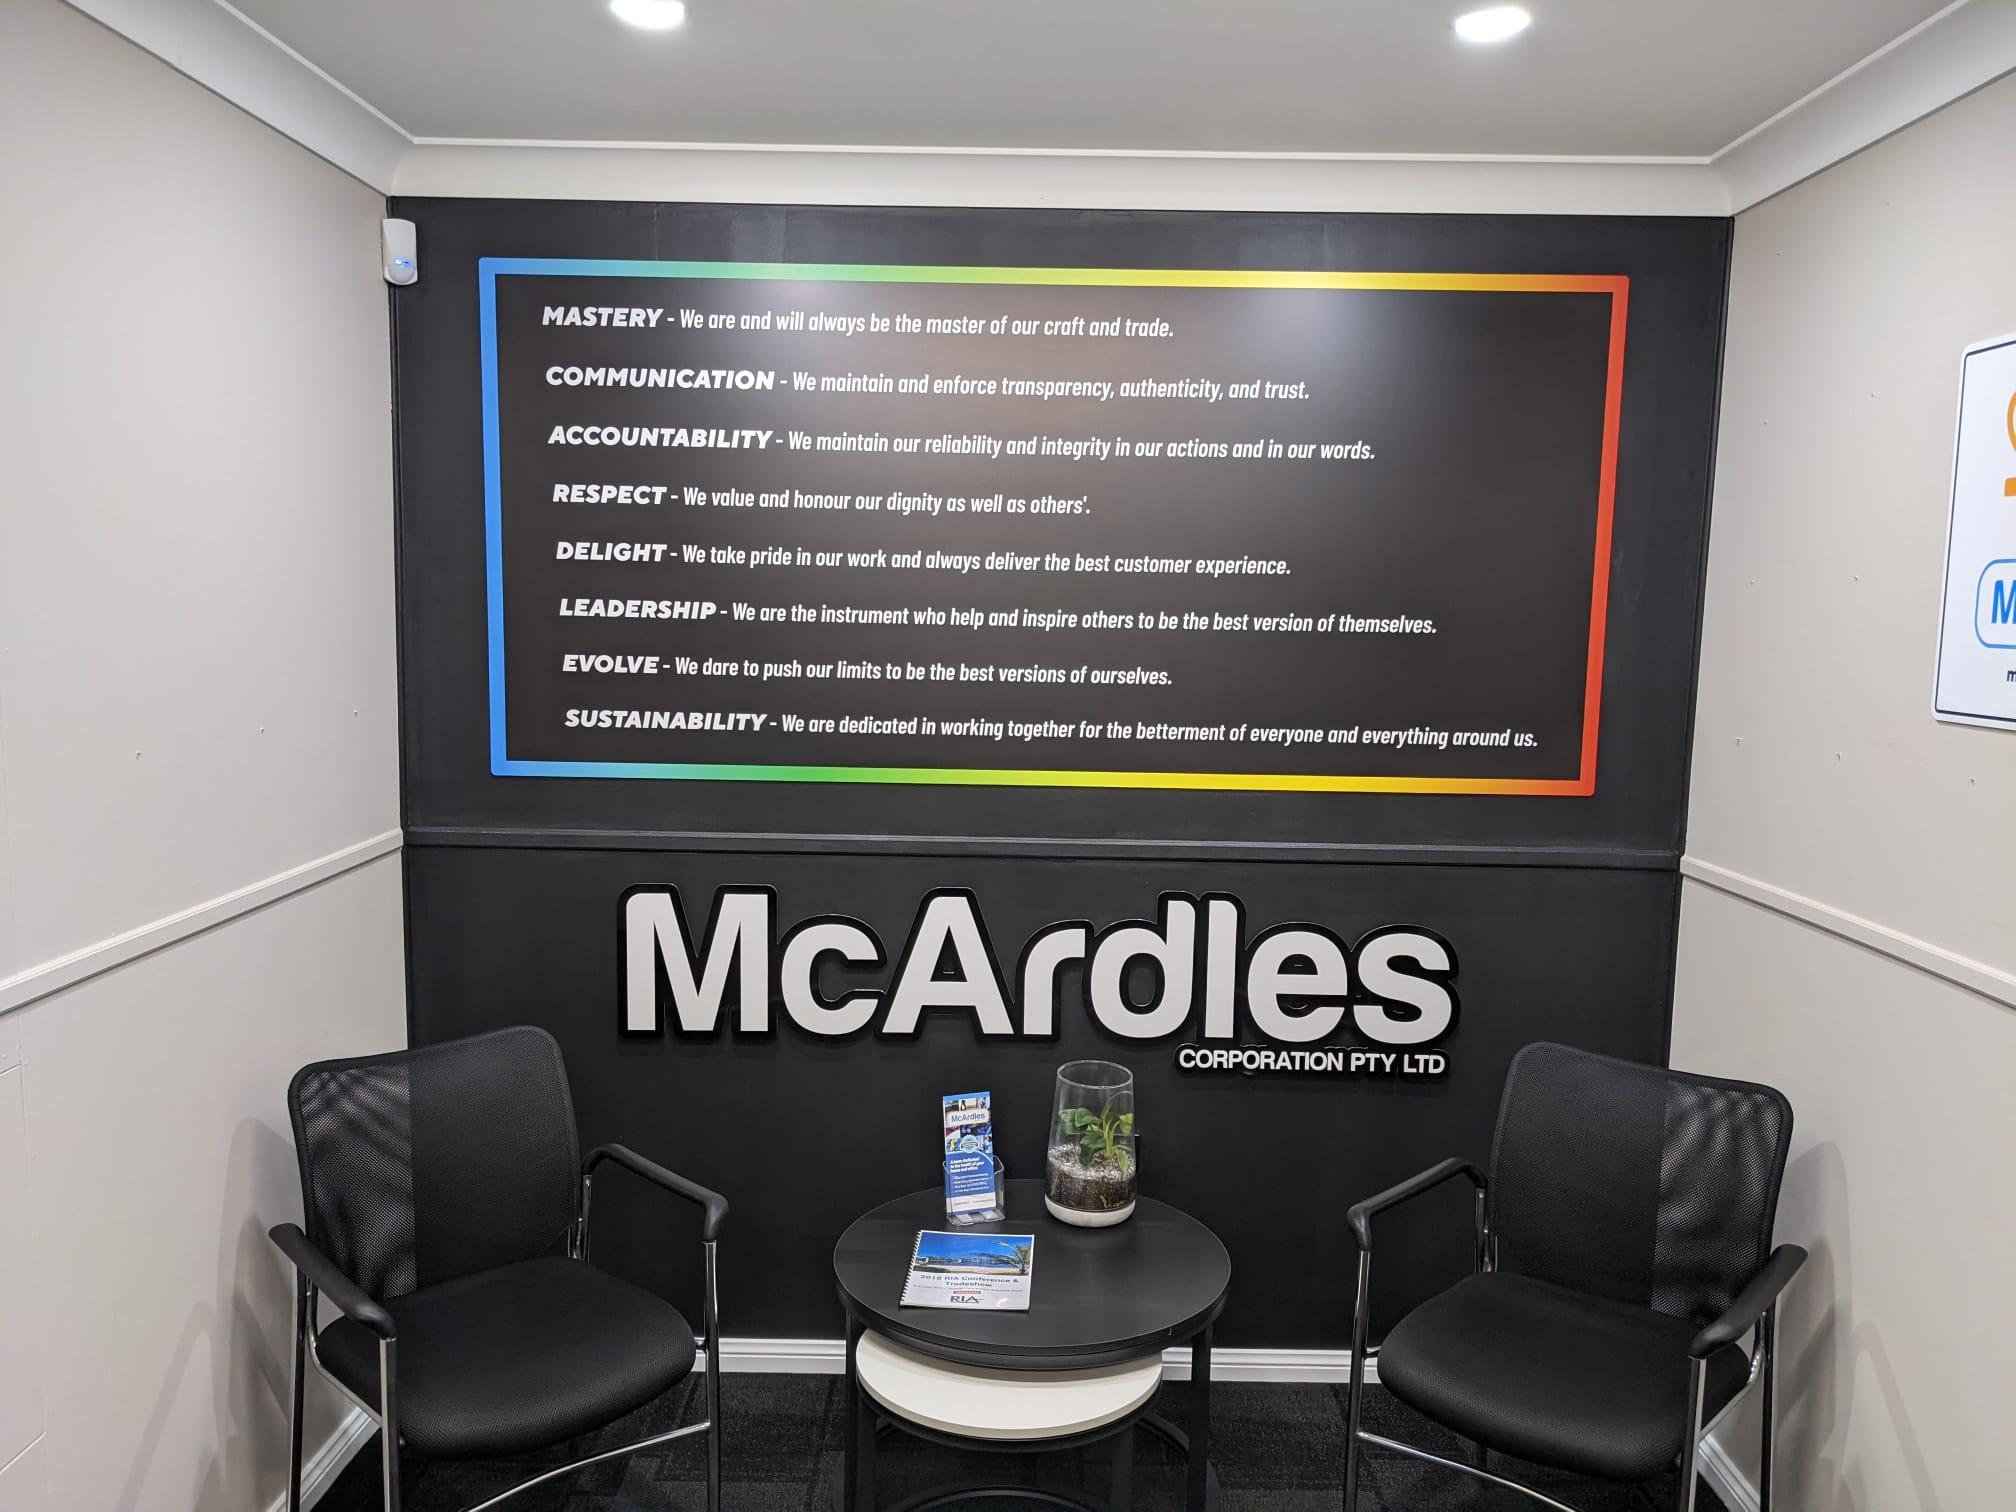 McArdles Core Values